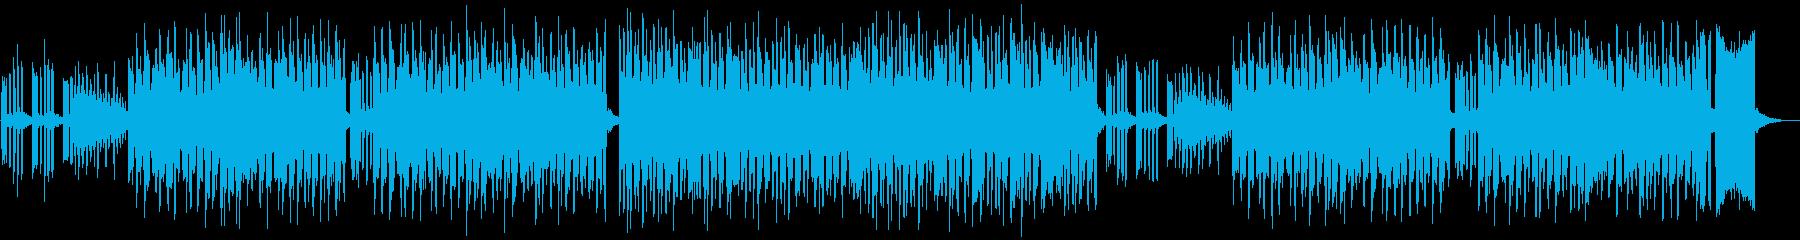 3分クッキングのパロディ曲の再生済みの波形